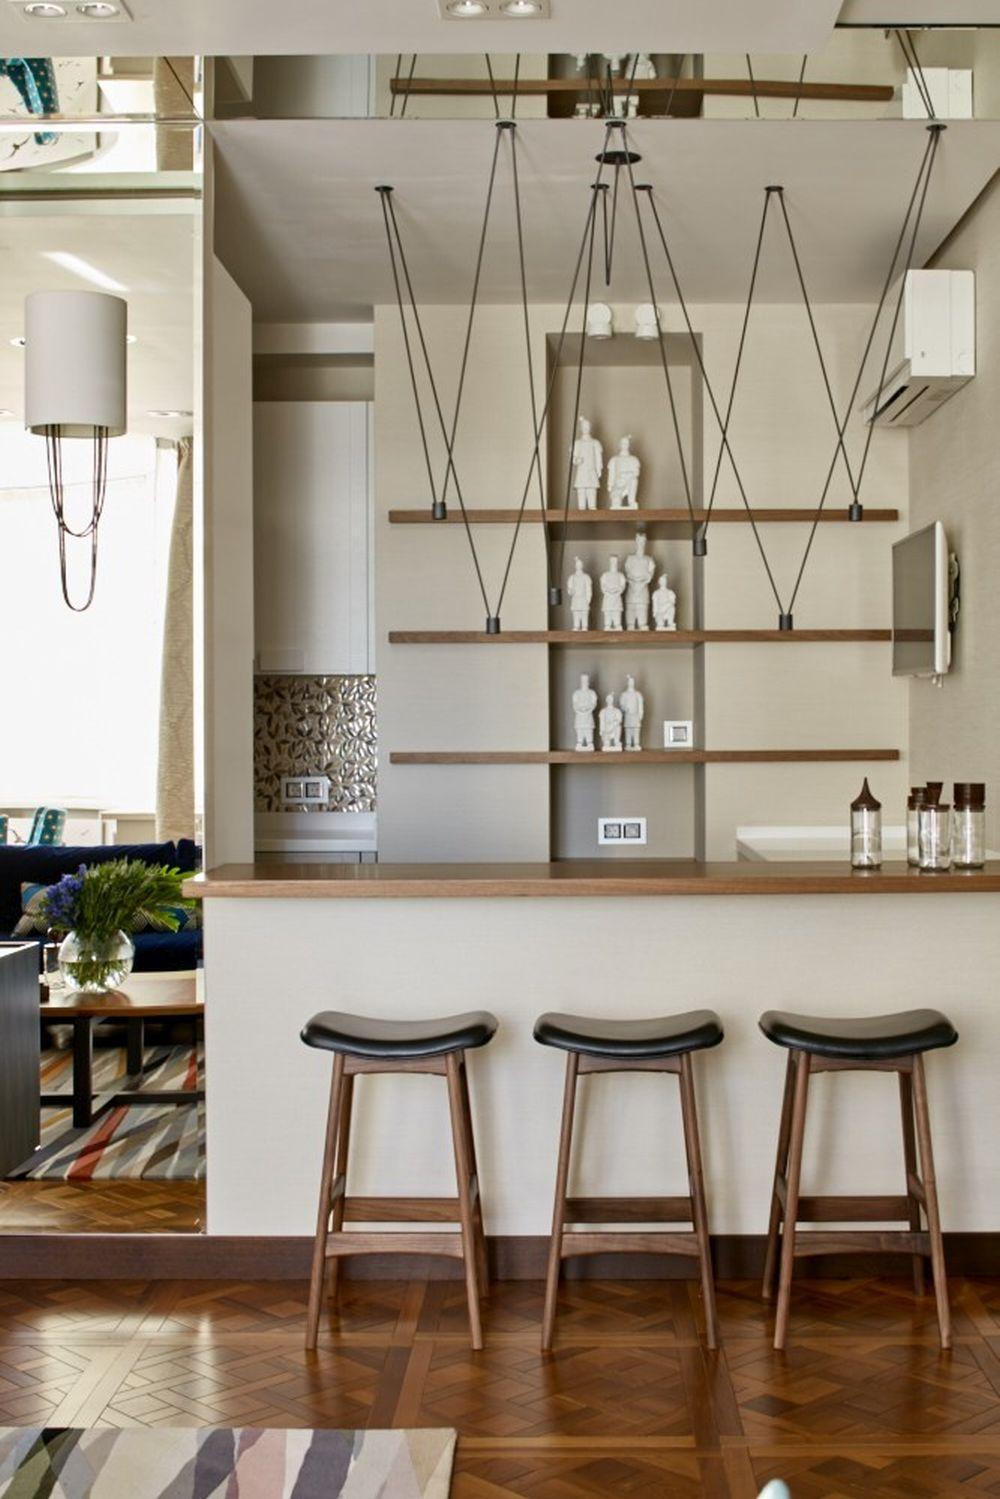 adelaparvu.com despre apartament elegant de 4 camere, Moscova, Designer Veronica Sudnikova, Foto Sergey Ananyev (9)